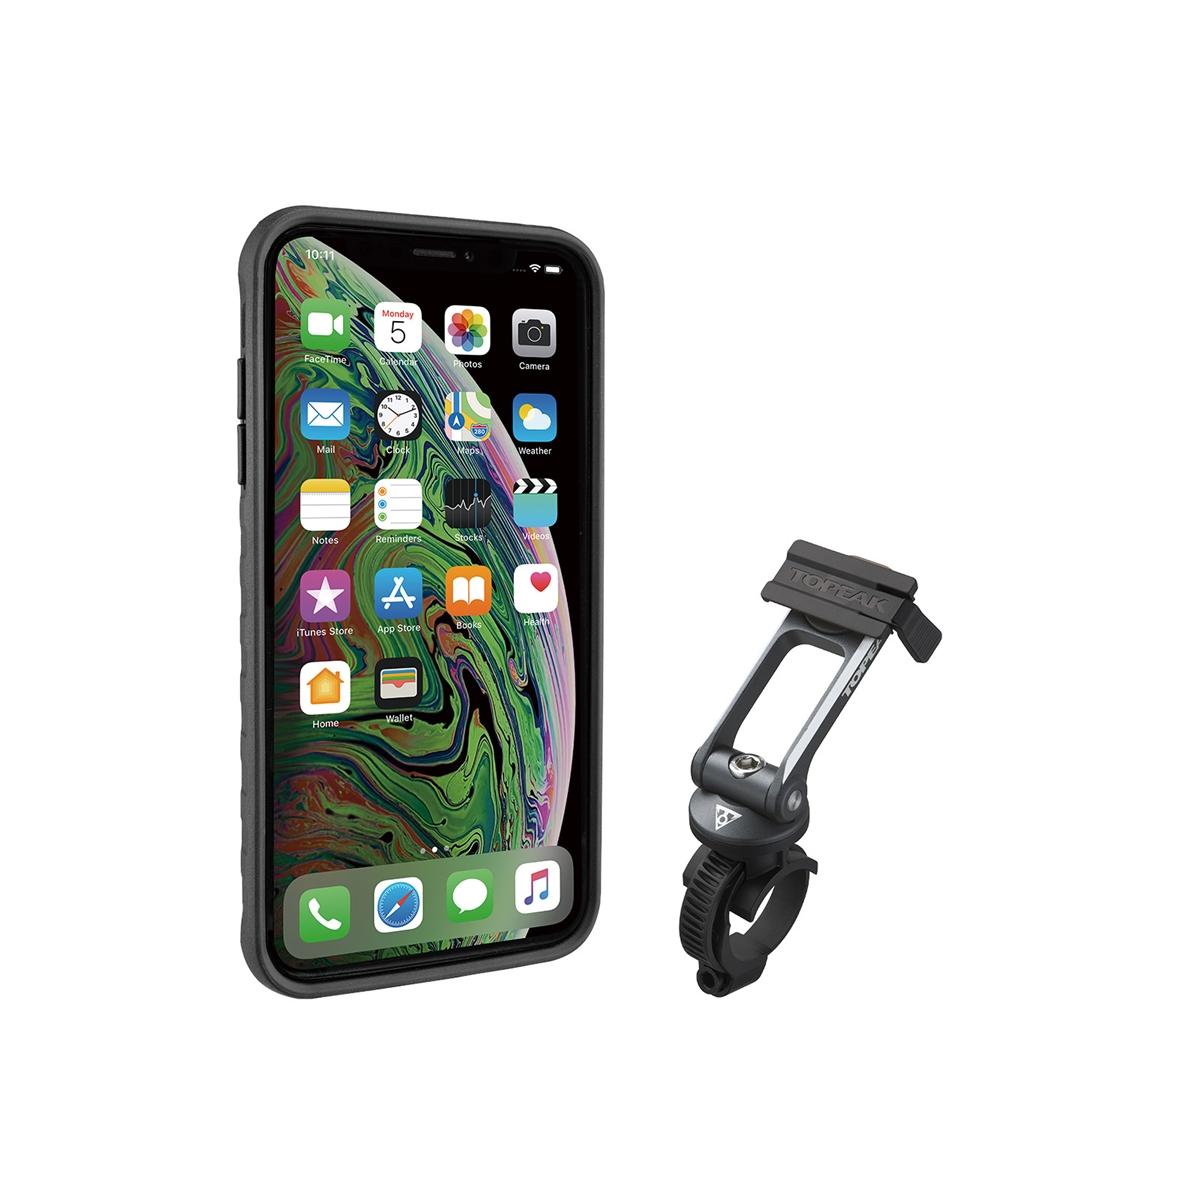 Custodia RideCase per iPhone XS Max Nero/Grigio Supporto Incluso